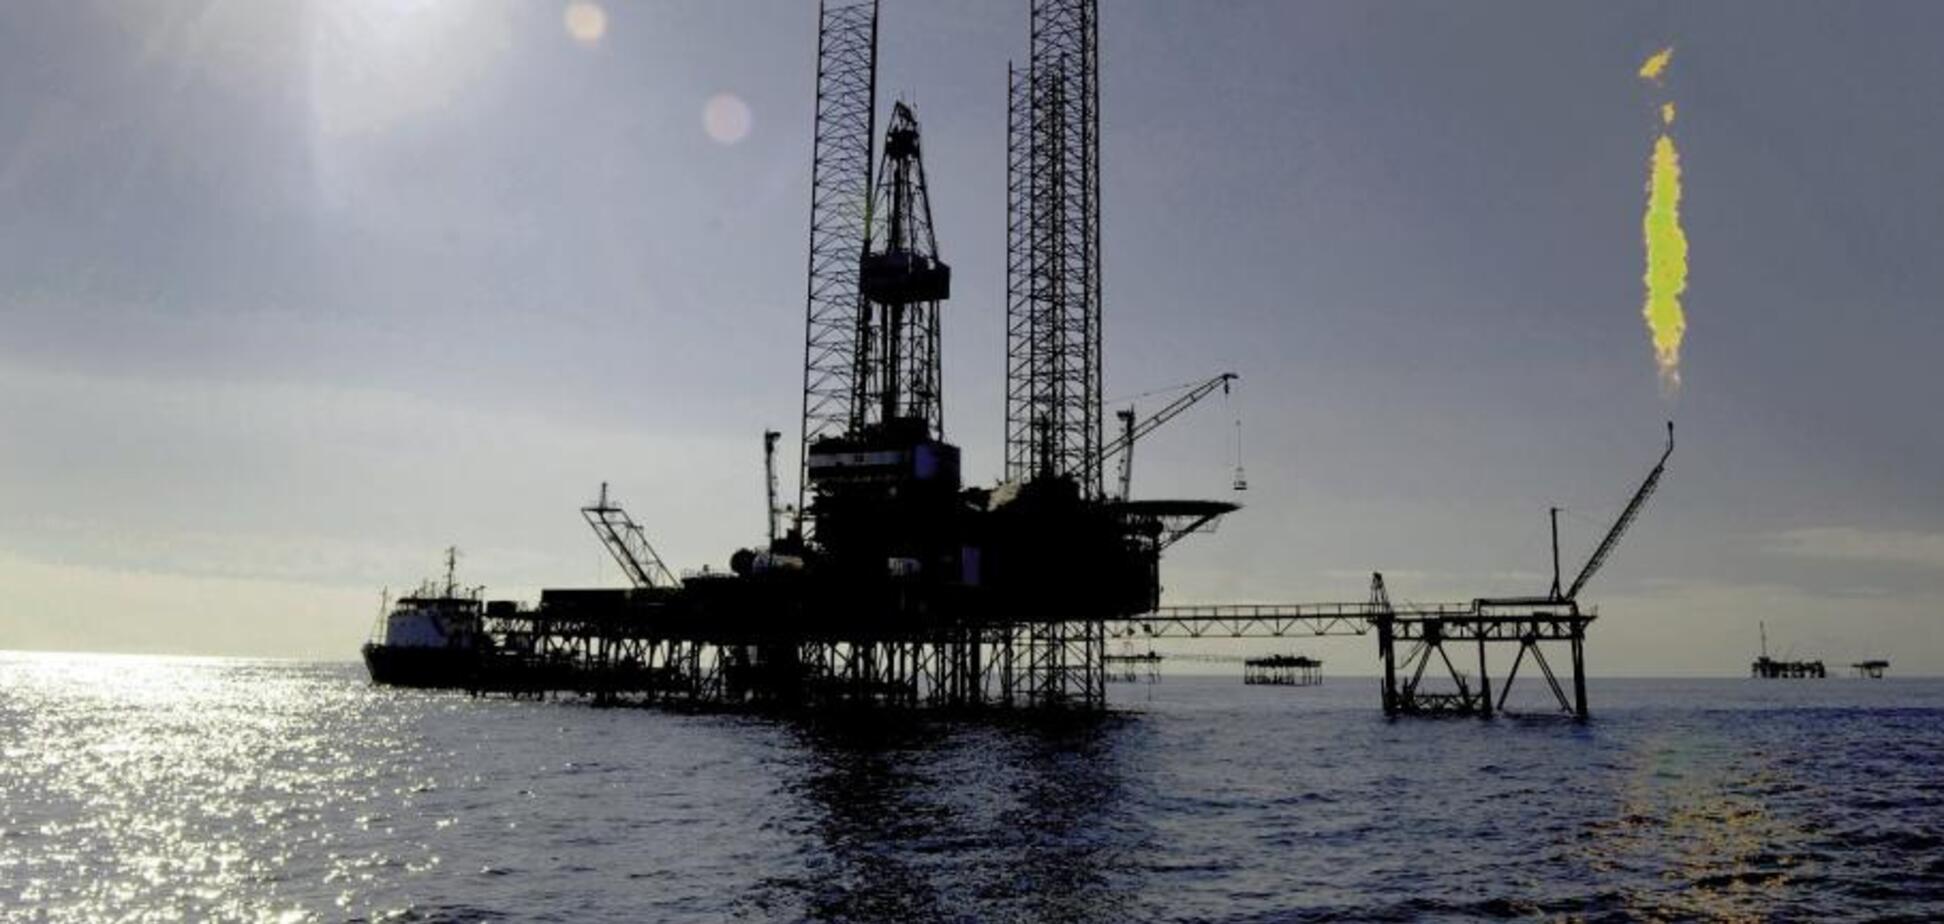 Две трети украинского шельфа Черного моря незаконно захвачены РФ - Кирилюк